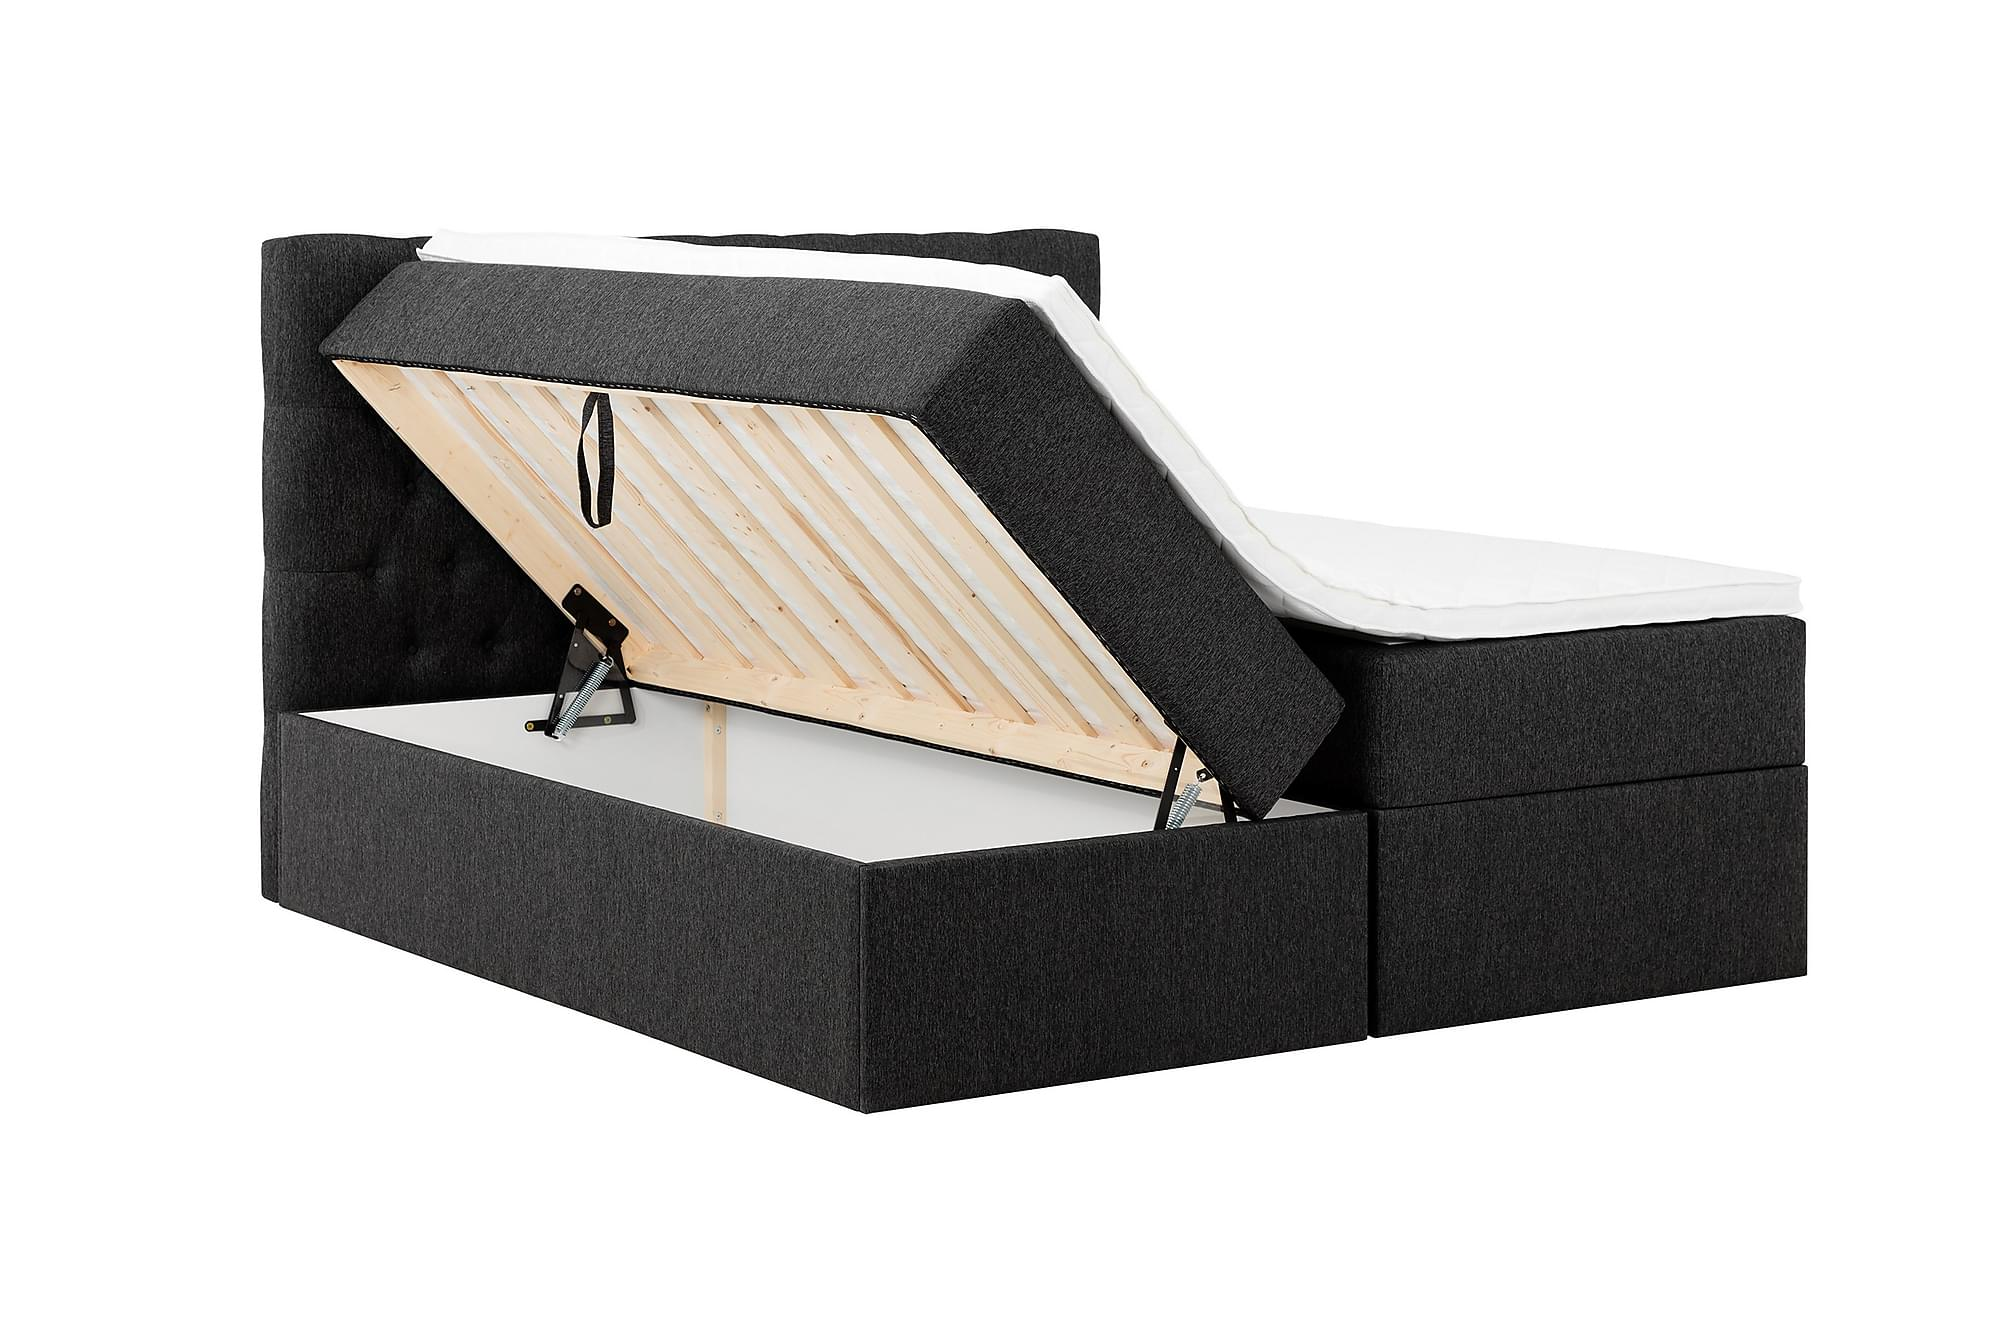 BOXBED 160 Förvaringssäng Svart